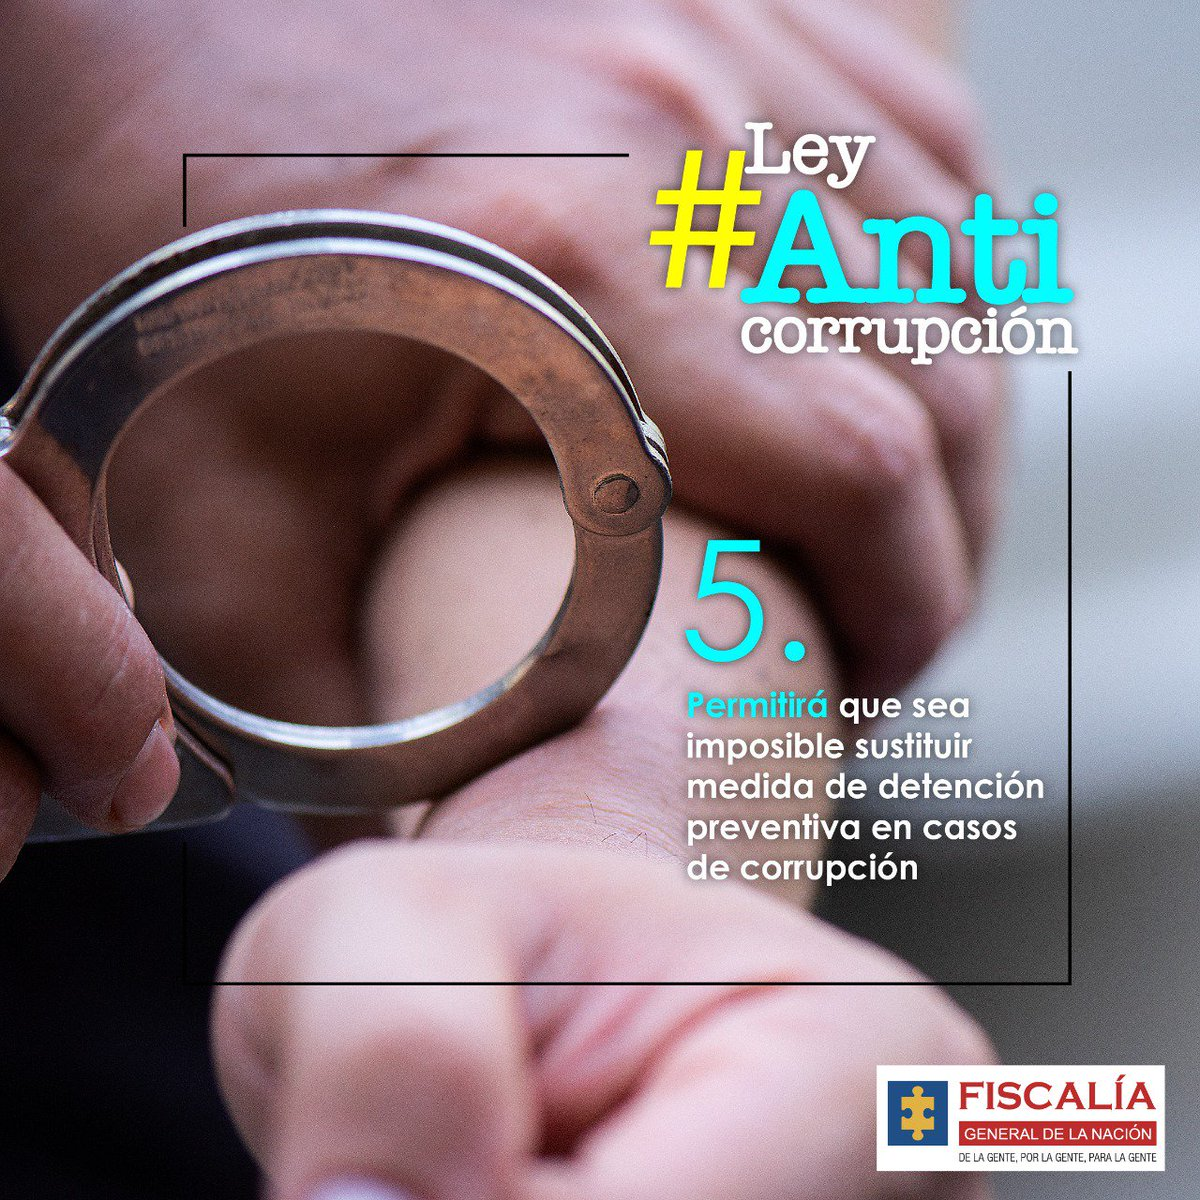 #LeyAnticorrupción que radica la #Fiscalía ante el Congreso impide que en casos de corrupción exista algún intento para sustituir la detención preventiva. Se fortalecerá la #LuchaContraLaCorrupción